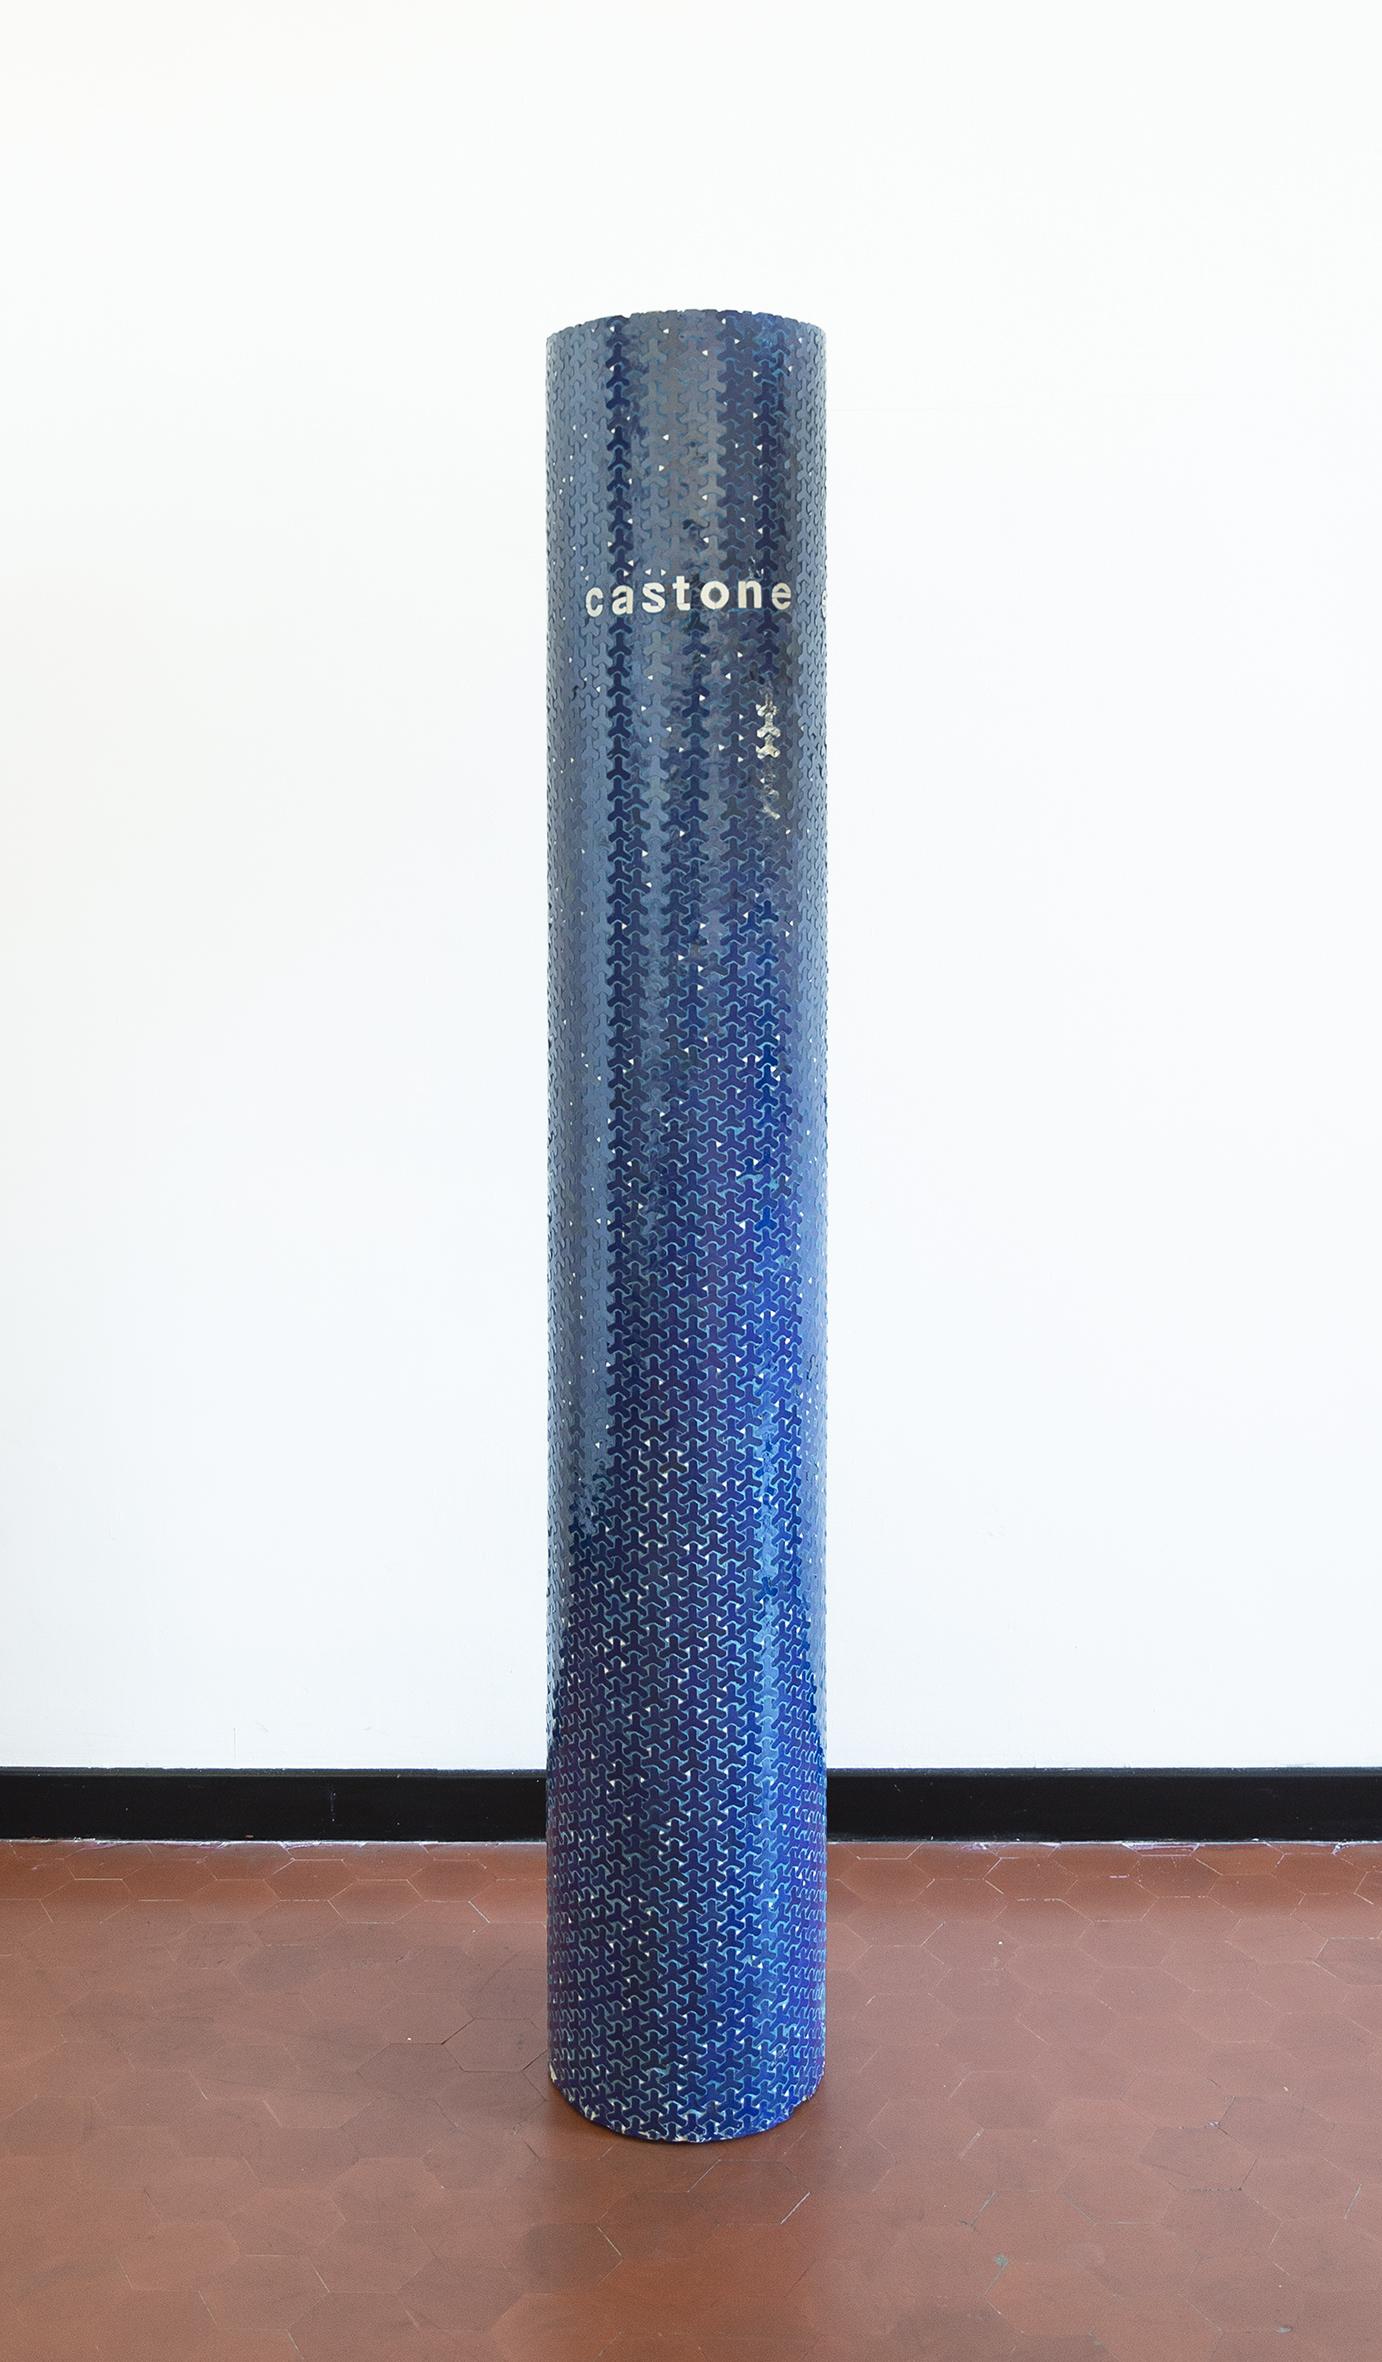 DMM 020-19_Il castone e la barota_2